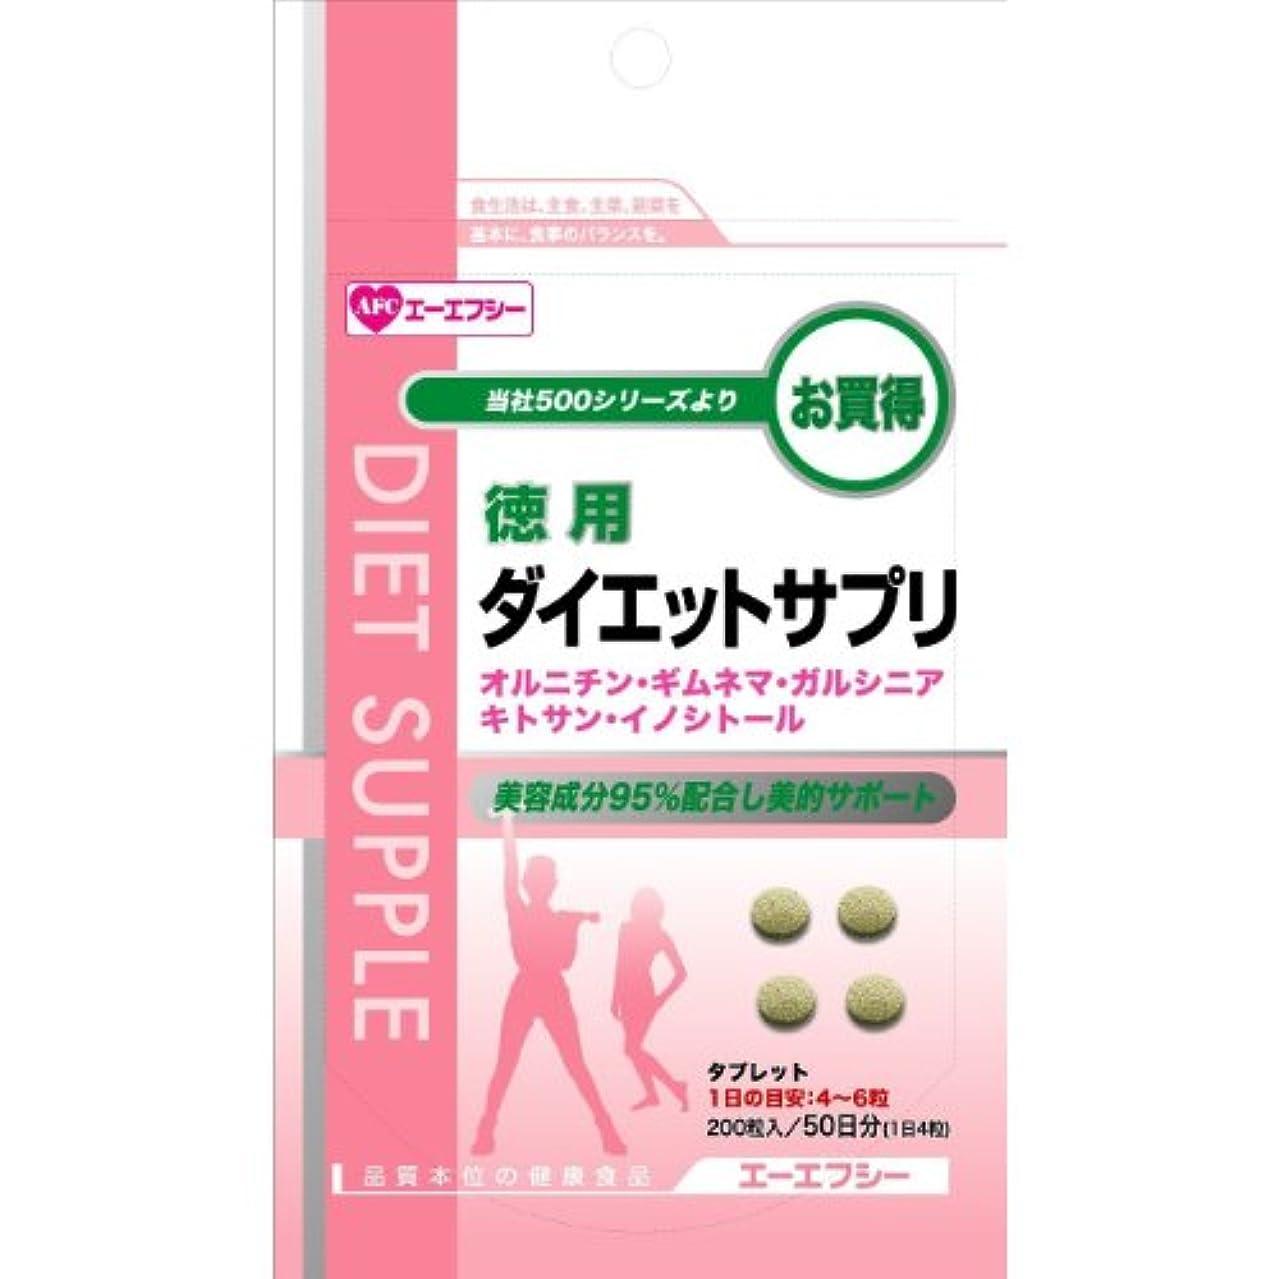 乳製品変装した高原AFC980円シリーズ 徳用 ダイエットサプリ 200粒入 (約50日分)【6袋セット】